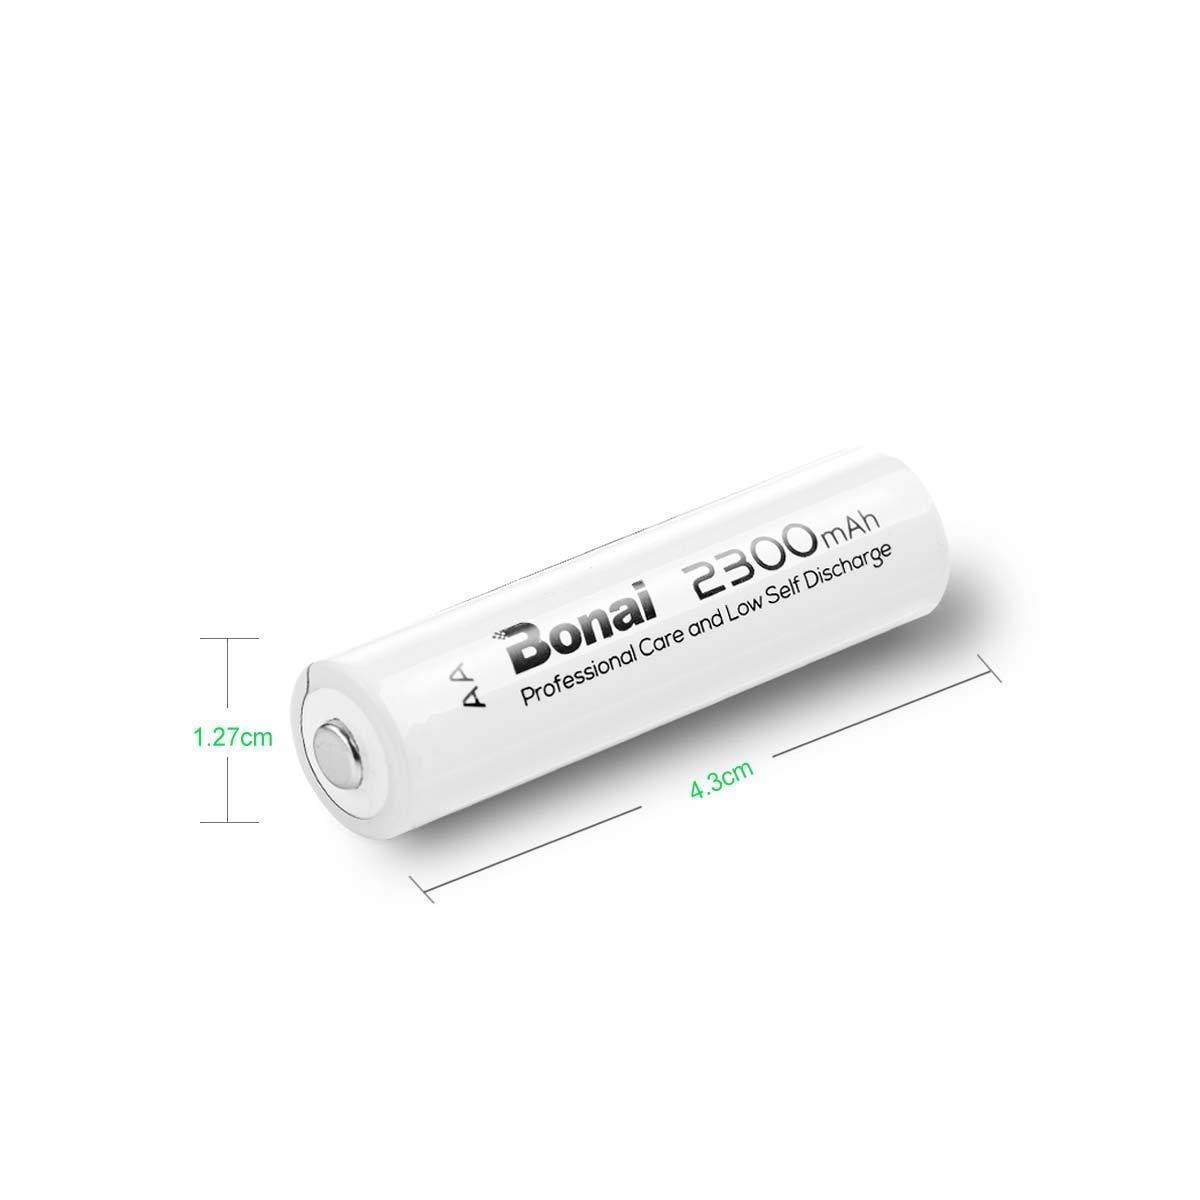 [新品/送料無料] Bonai 単3形 充電池 充電式ニッケル水素電池 16個パック PSE/CEマーキング取得 UL認証済(高容量2300mAh 約1200回使用可)_画像2